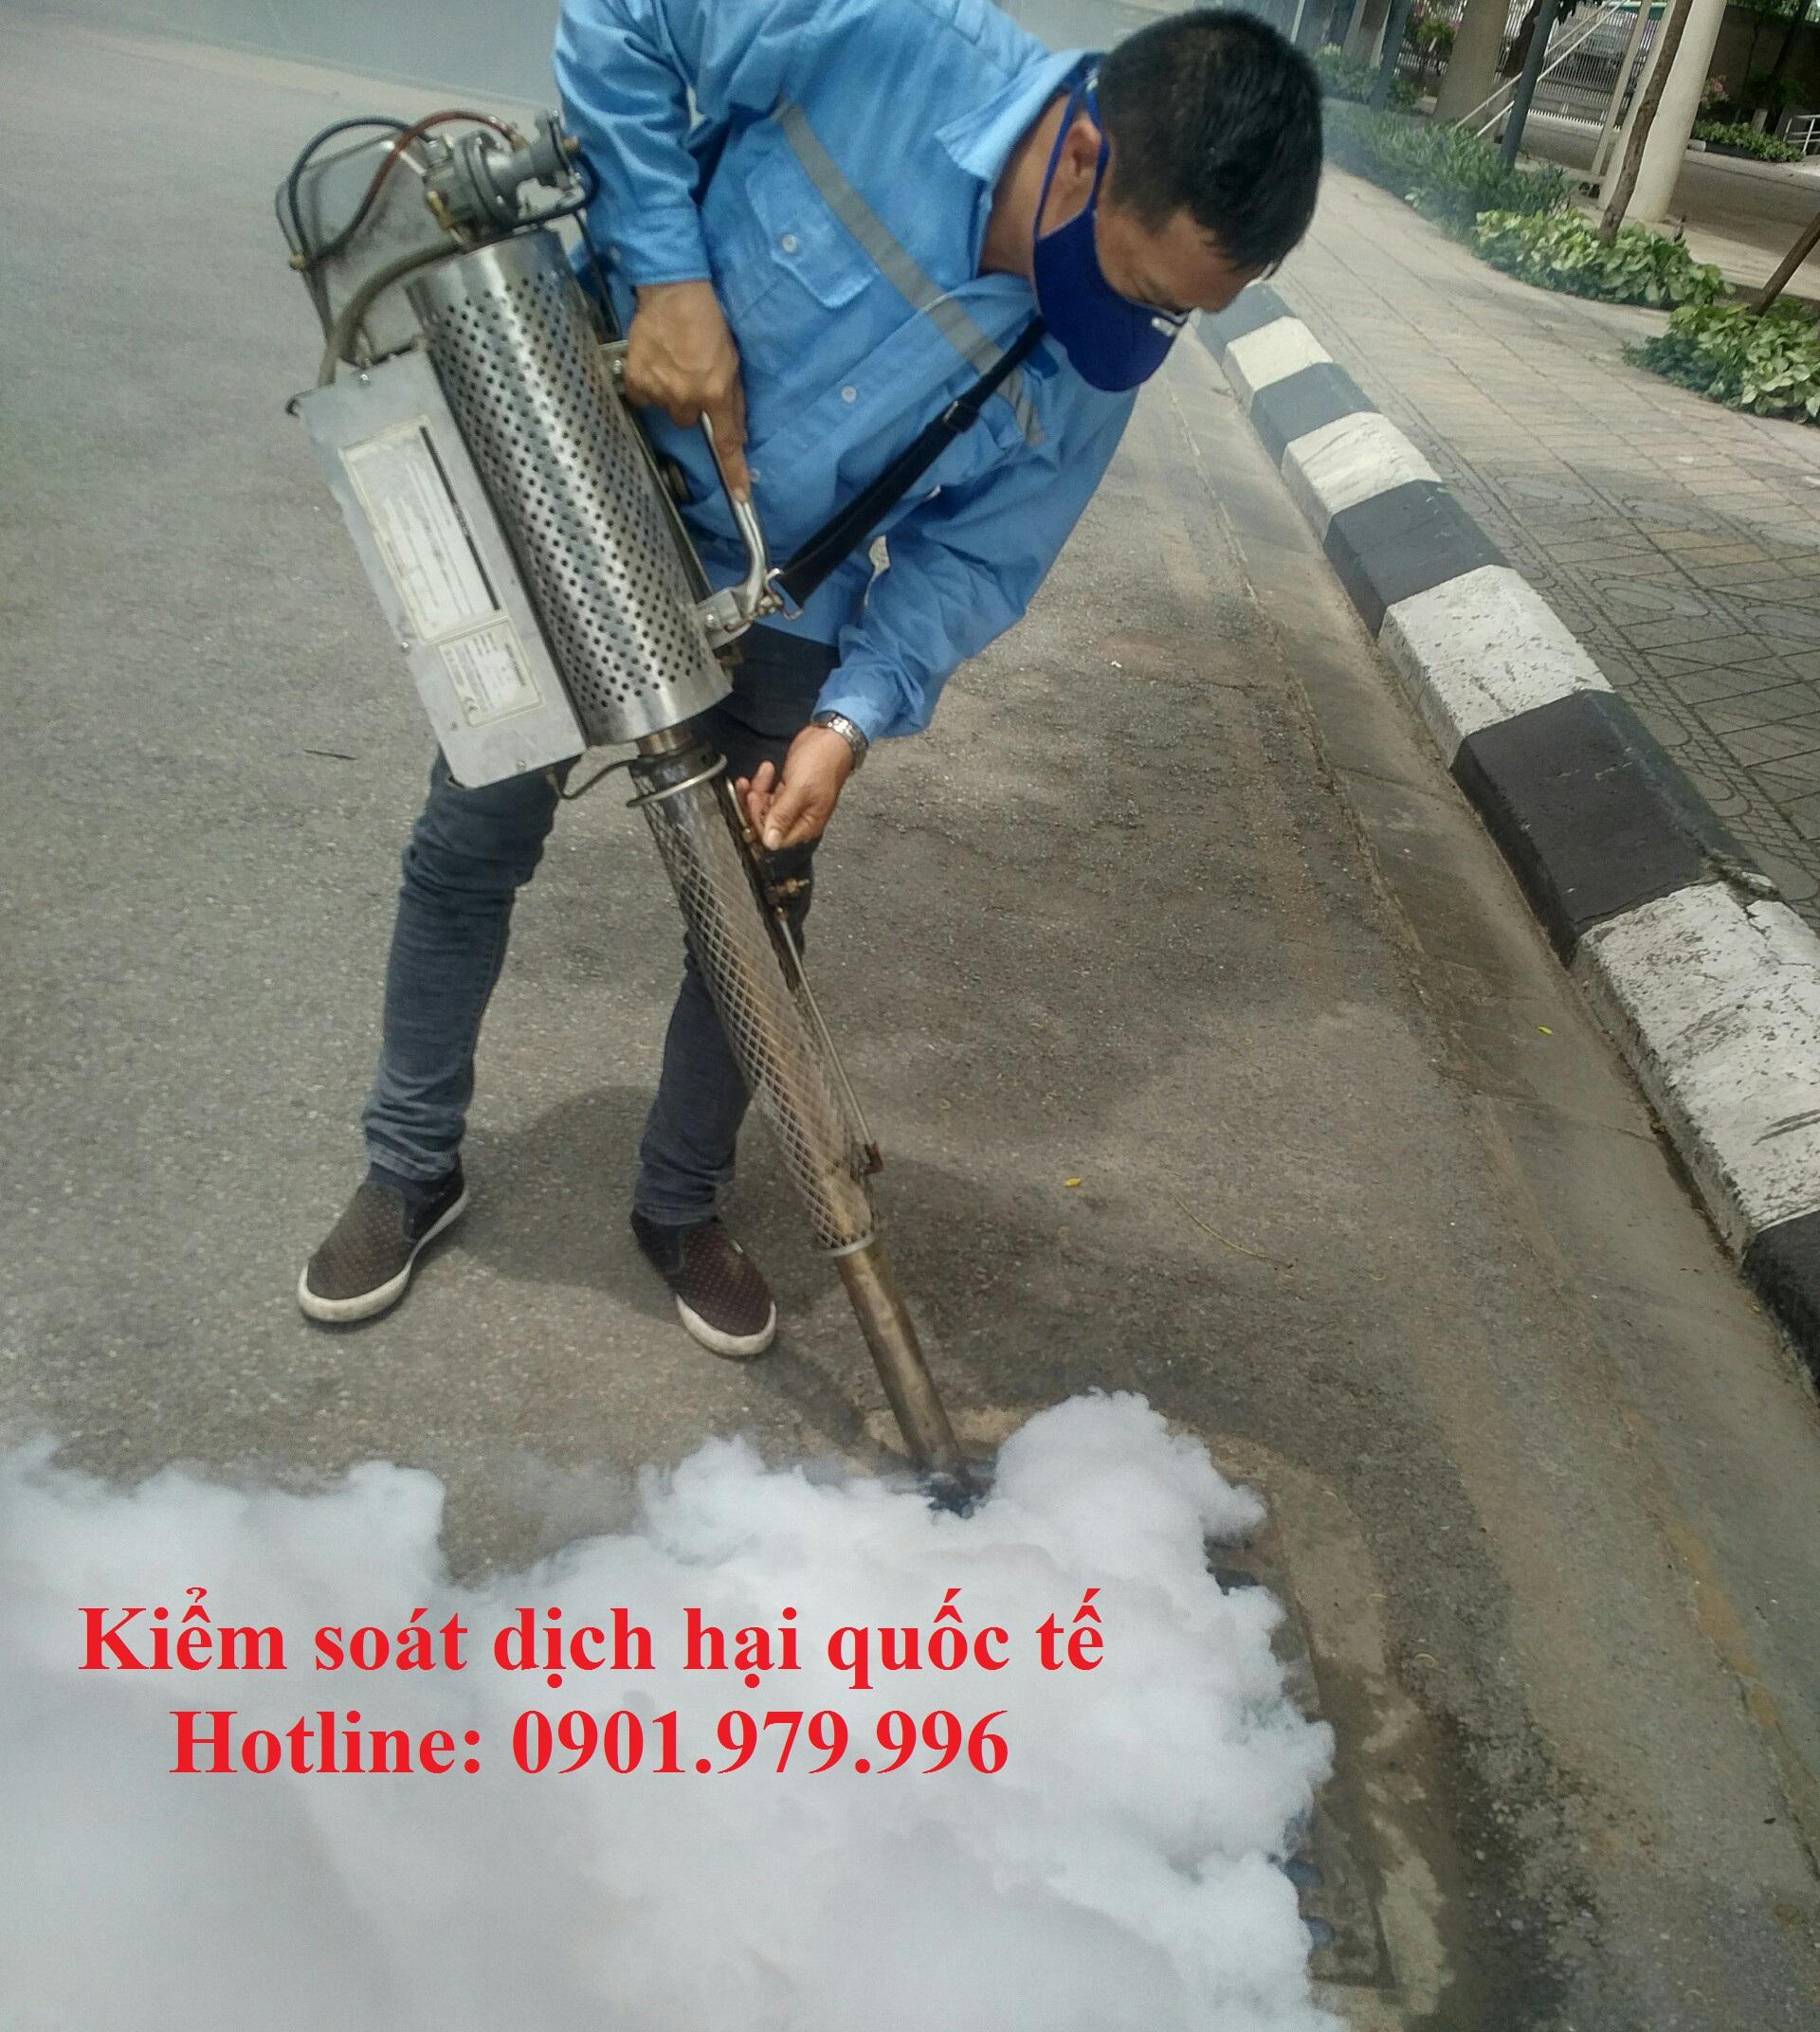 Dịch vụ kiểm soát côn trùng( ruồi, muỗi, kiến, gián,…) tại Long Biên